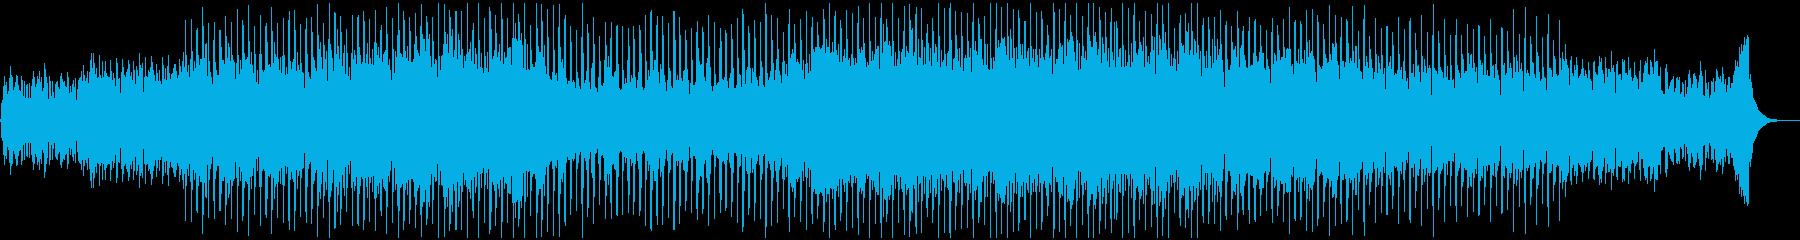 ミステリアスで謎に迫る様な神秘的BGMの再生済みの波形